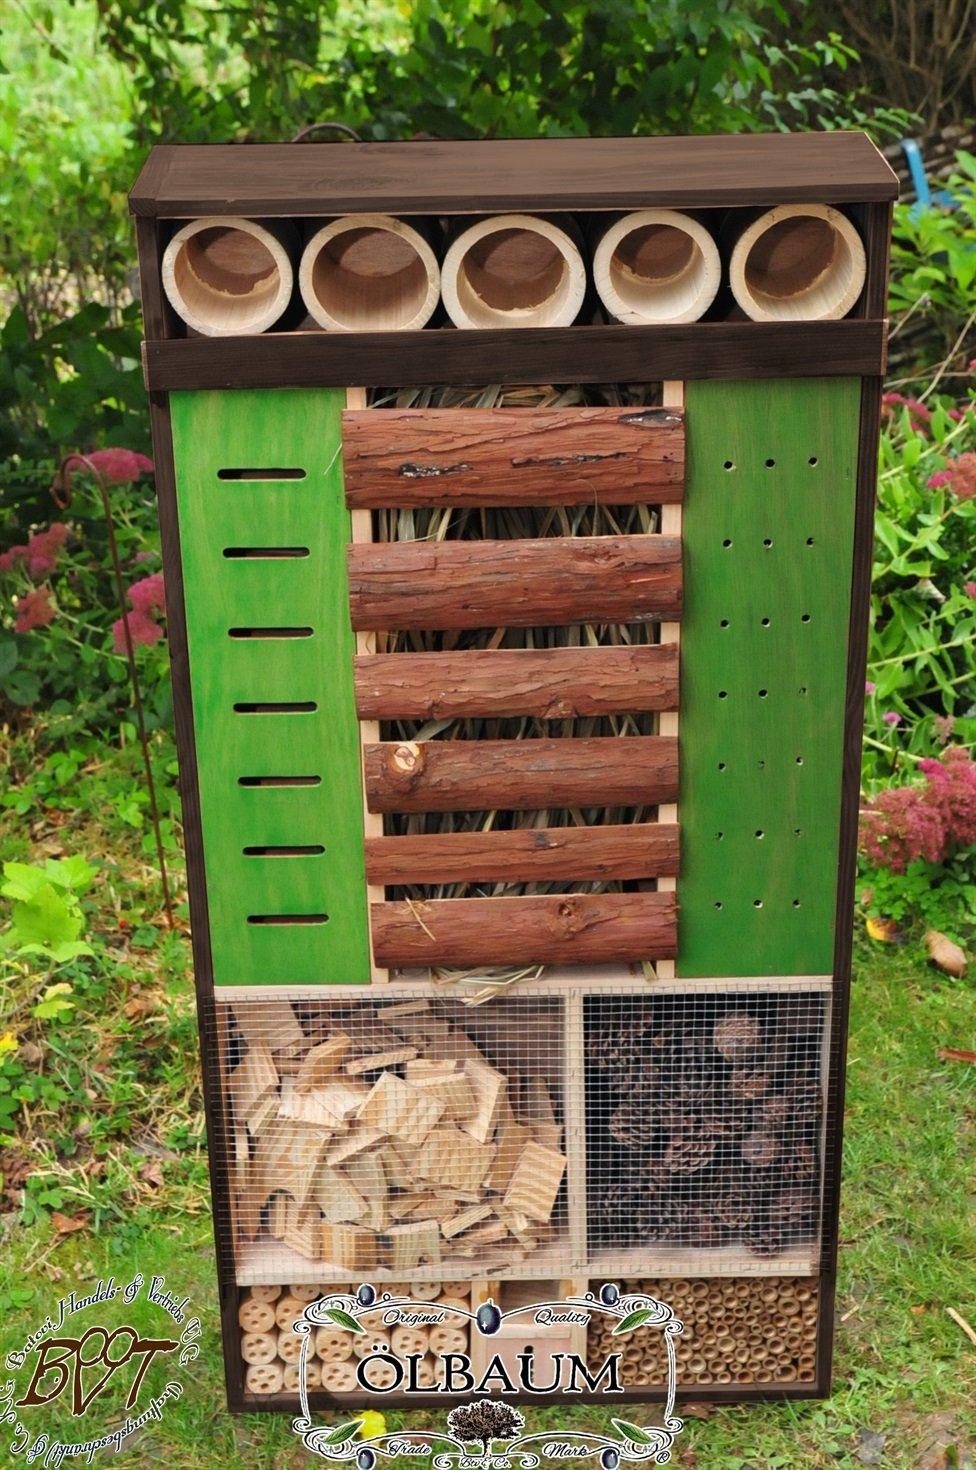 Insektenhotel, WETTERFEST, ca. 122 cm hoch, MEGA-XXL,NEU große Futterfläche HOLZHAUS-NATUR -Insektenhaus mit Futterstation,große Futterfläche